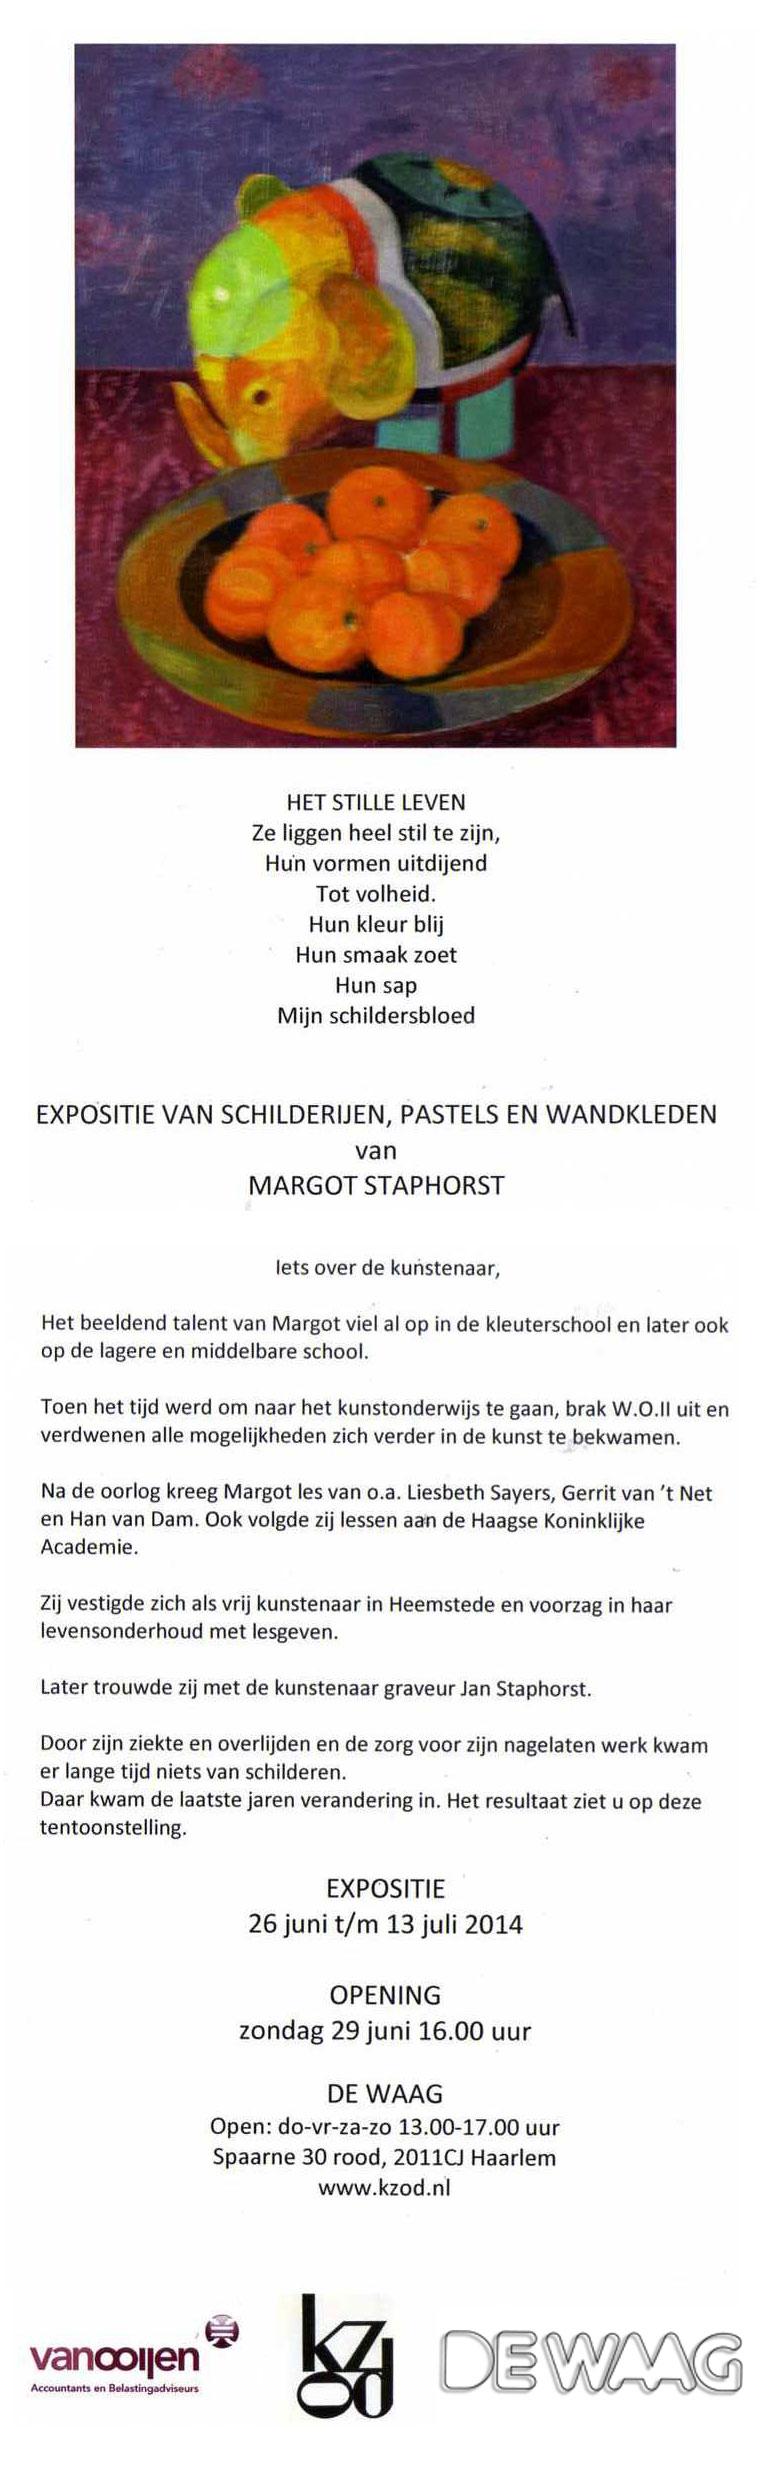 expositie-Margot-Staphorst-De_Waag-juni-juli-2014